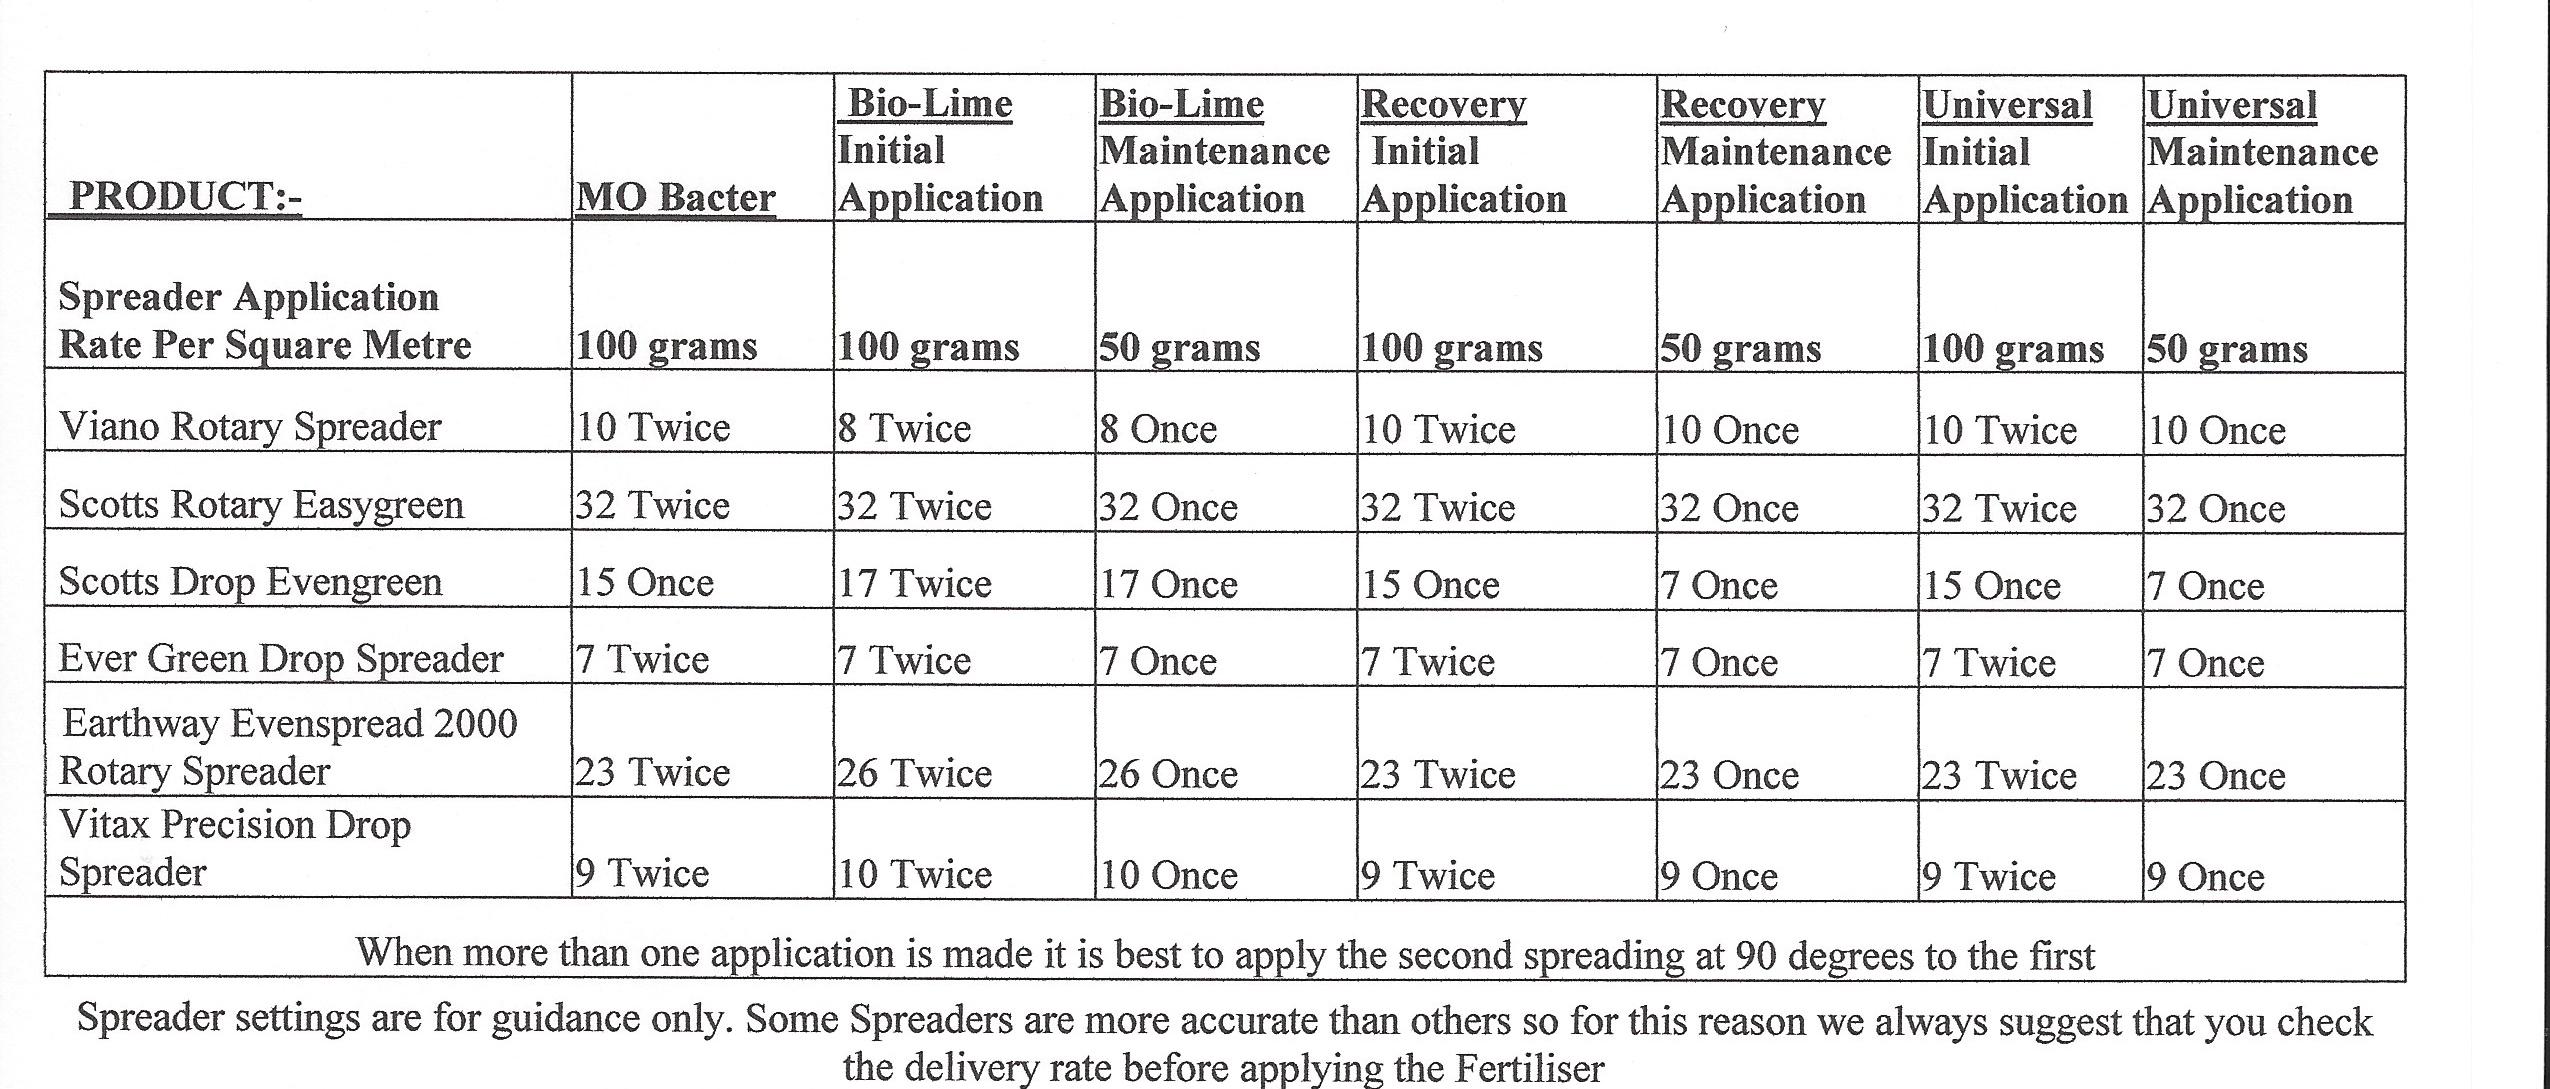 Lawn spreader settings for Viano fertiliser